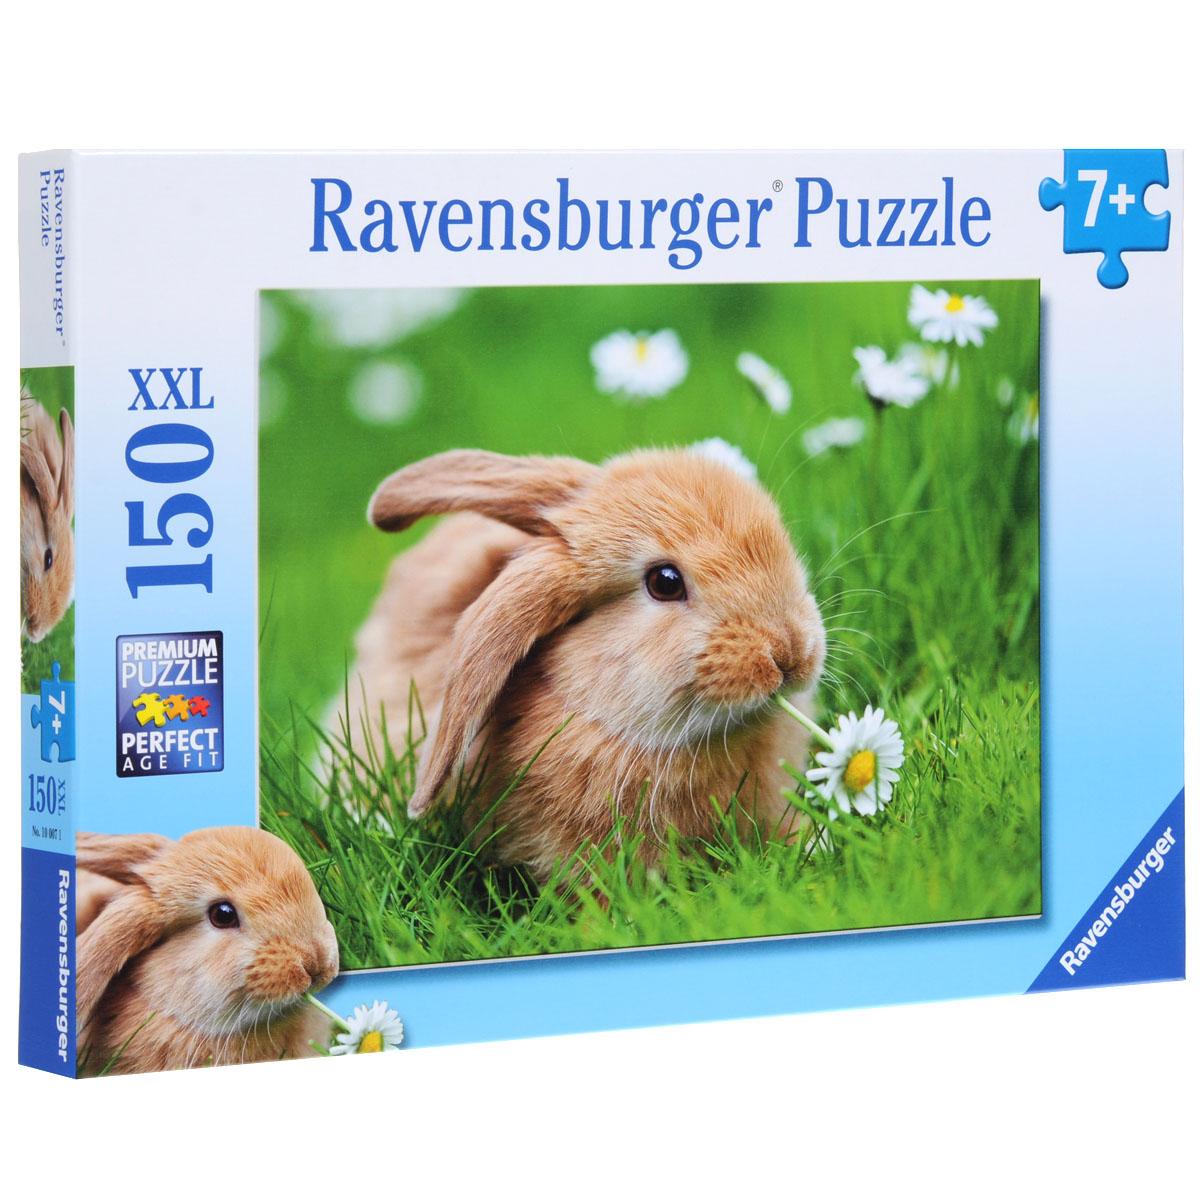 Ravensburger Кролик в ромашках. Пазл XXL, 150 элементов10007Пазл XXL Ravensburger Кролик в ромашках, без сомнения, придется по душе вам и вашему малышу. Собрав этот пазл, включающий в себя 150 крупных элементов, вы получите великолепную картину с изображением рыжего кролика, который сидит в ромашках. Каждая деталь имеет свою форму и подходит только на своё место. Нет двух одинаковых деталей! Пазл изготовлен из картона высочайшего качества. Все изображения аккуратно отсканированы и напечатаны на ламинированной бумаге. Пазл - великолепная игра для семейного досуга. Сегодня собирание пазлов стало особенно популярным, главным образом, благодаря своей многообразной тематике, способной удовлетворить самый взыскательный вкус. А для детей это не только интересно, но и полезно. Собирание пазла развивает мелкую моторику у ребенка, тренирует наблюдательность, логическое мышление, знакомит с окружающим миром, с цветом и разнообразными формами.